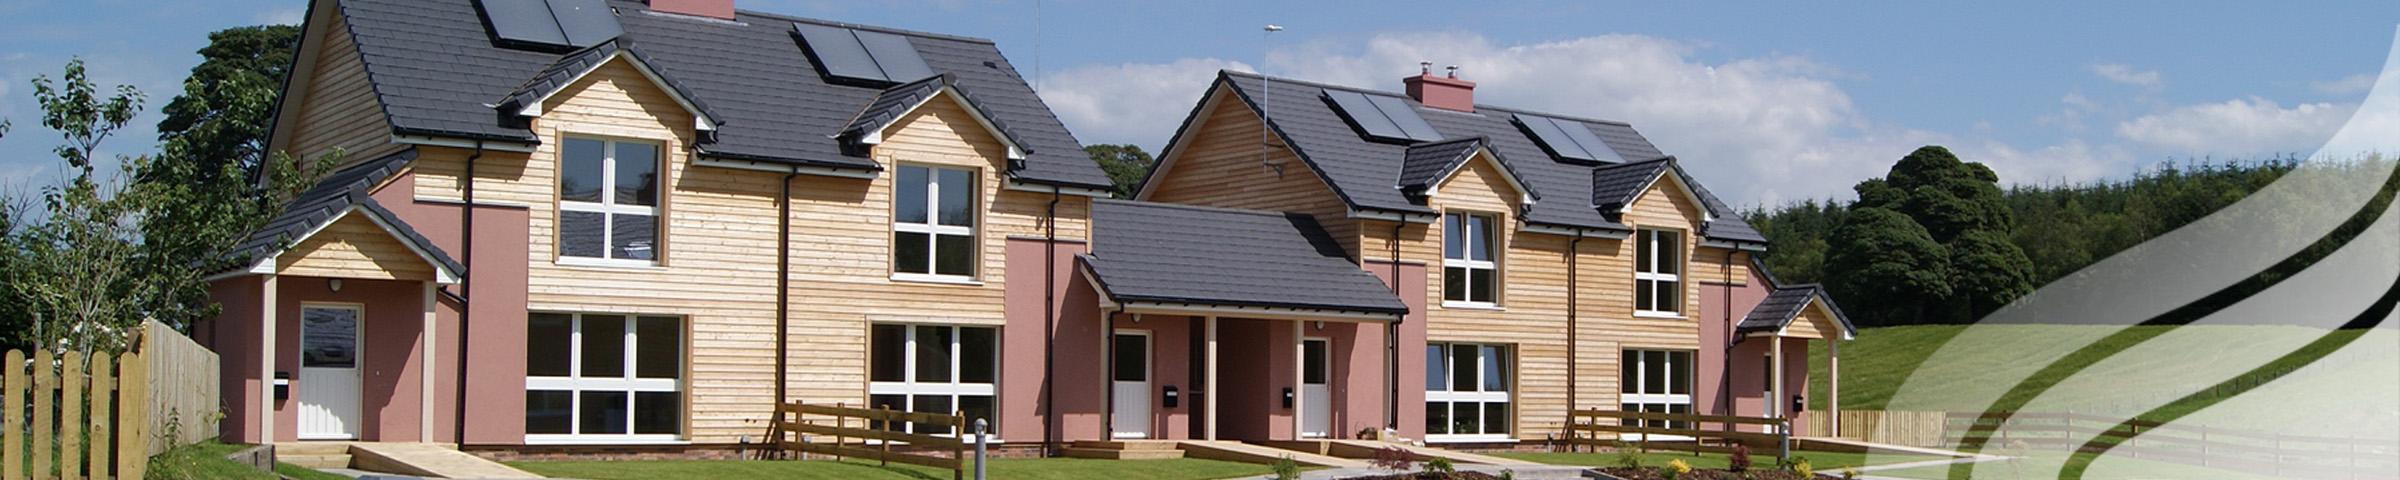 Dormont Estate